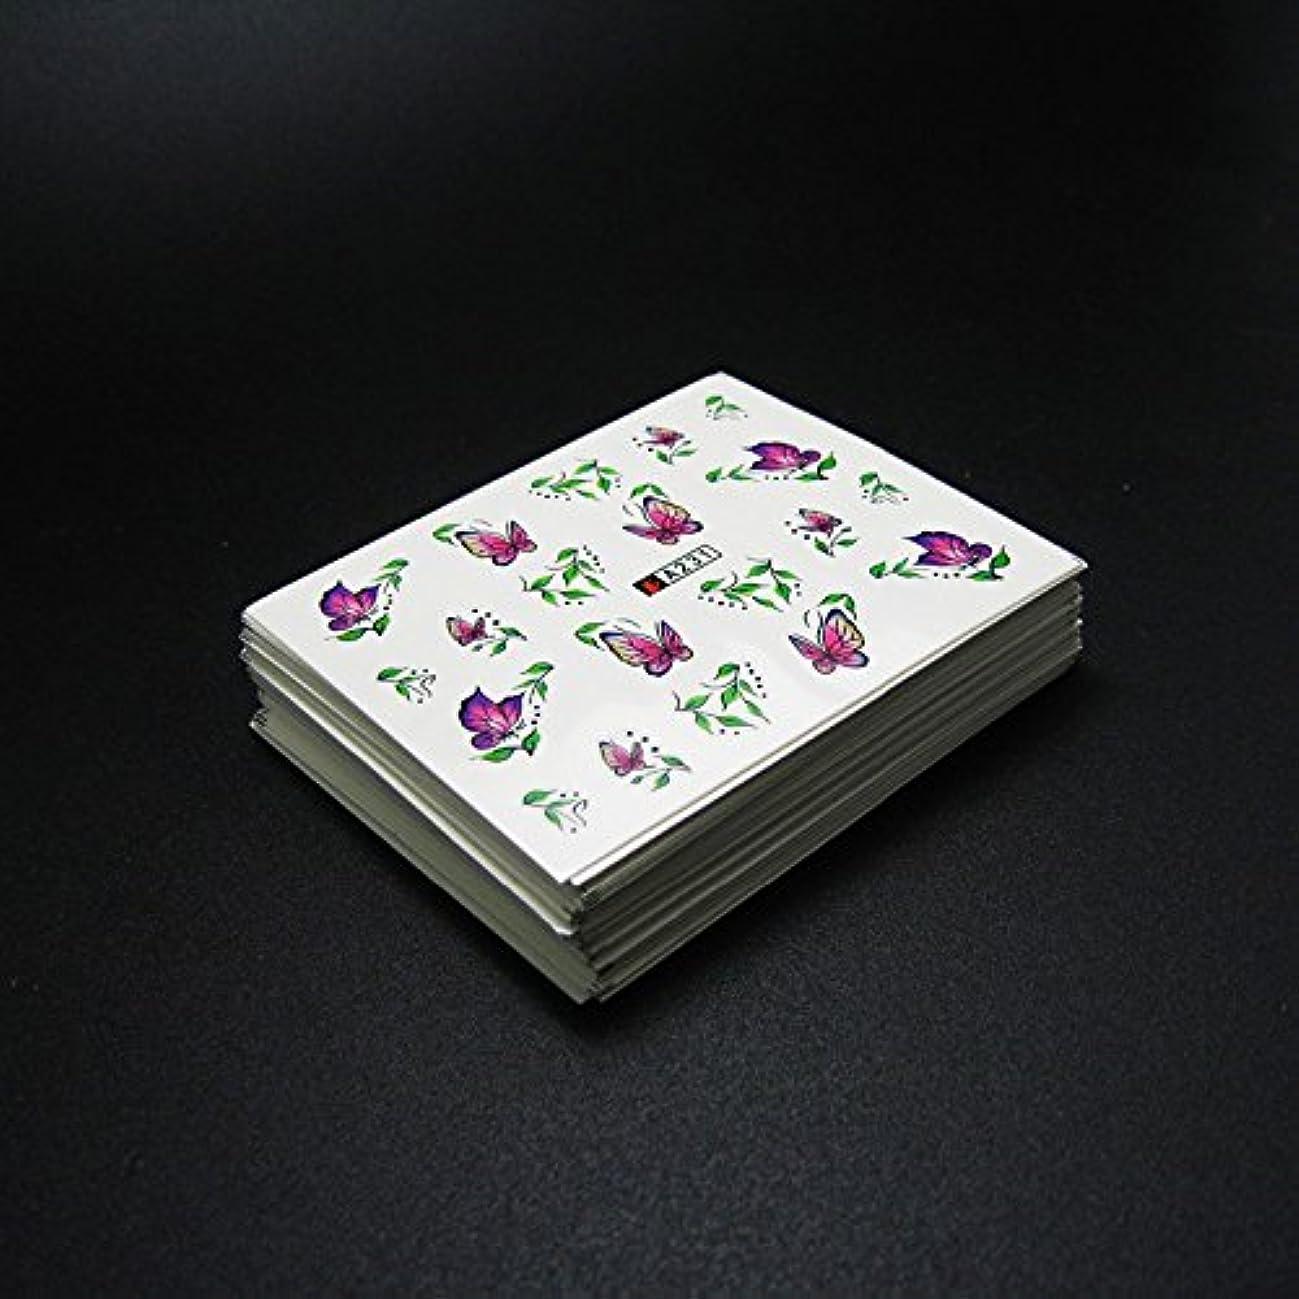 威信アラビア語殺人者50枚ネイルシールの花混在デザイン水転送ネイルアートステッカーウォーターマークデカールDIYデコレーション美容爪用ツール